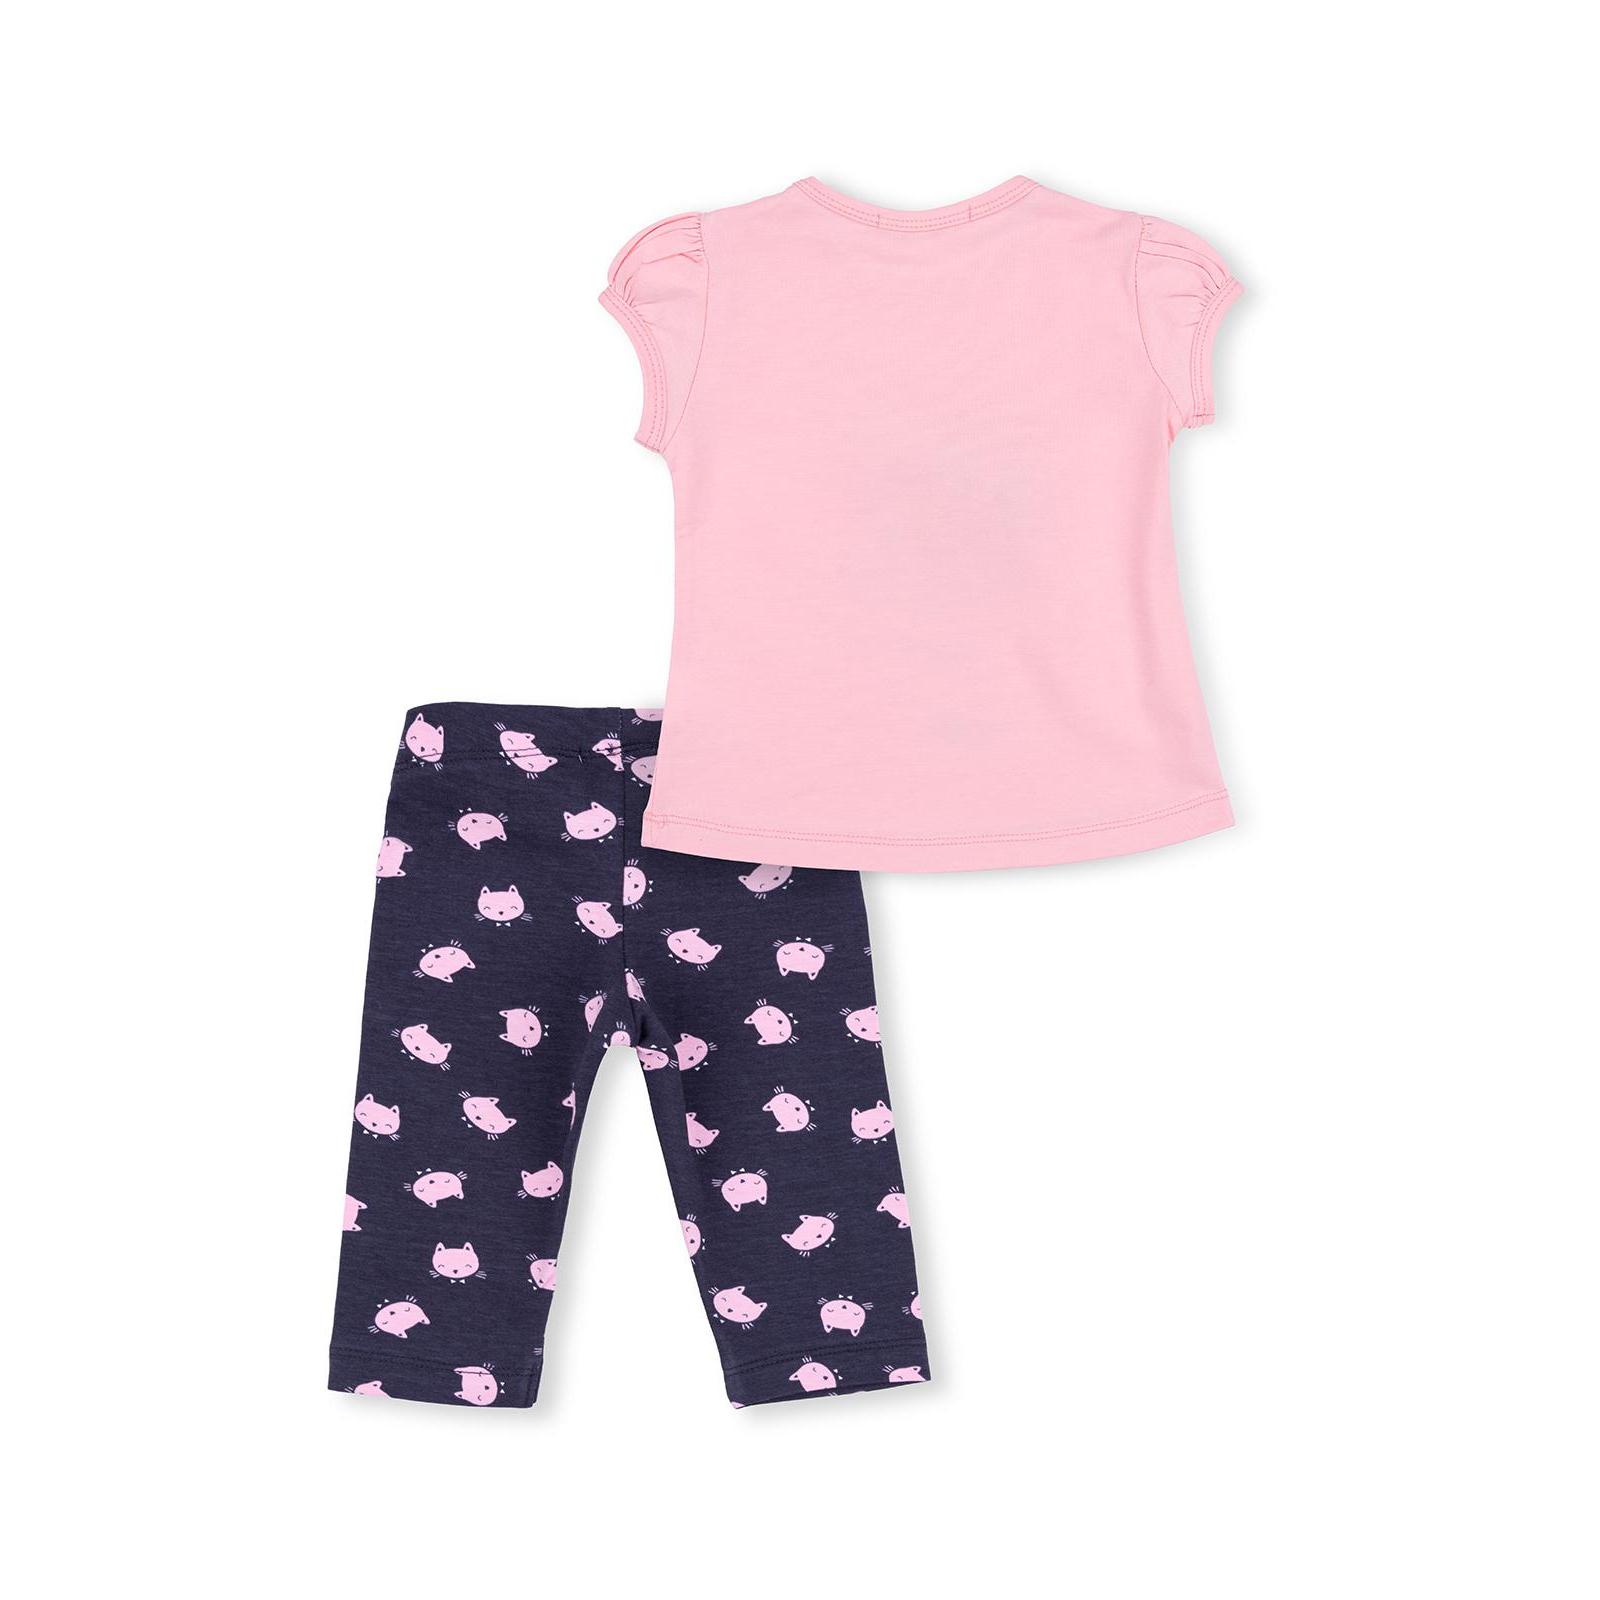 Набор детской одежды Breeze с котиками (7493-86G-pink) изображение 4